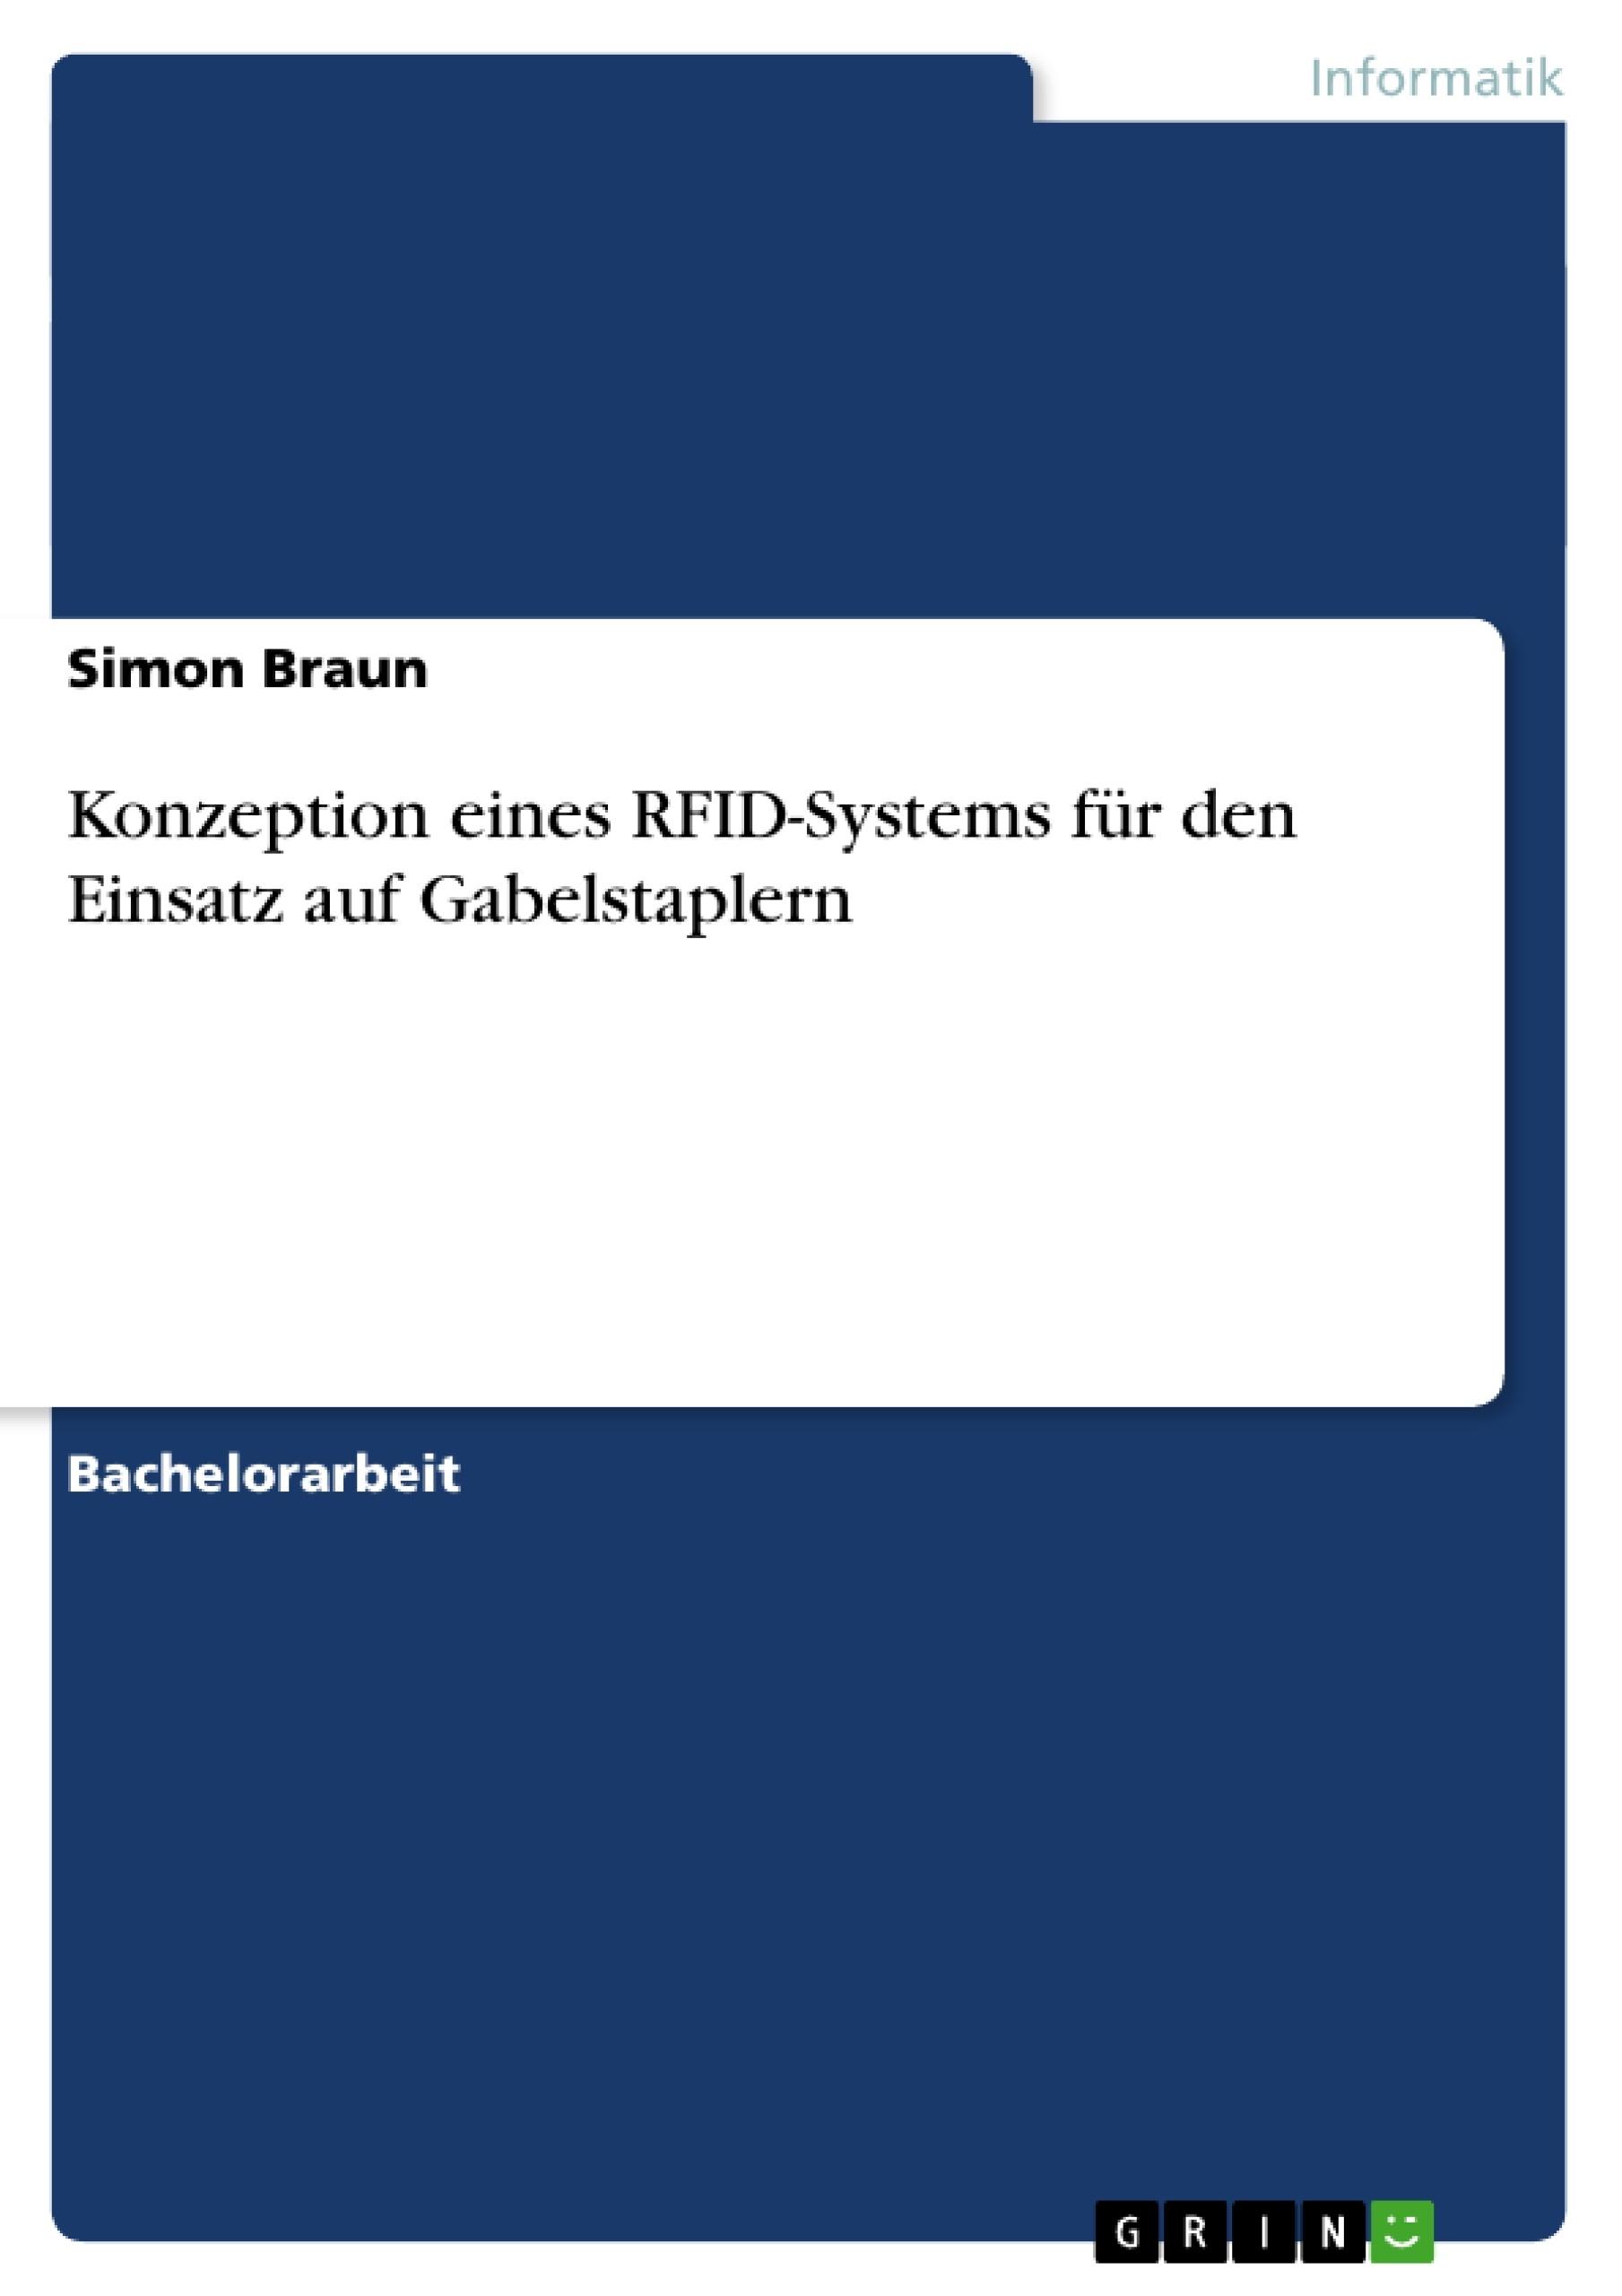 Titel: Konzeption eines RFID-Systems für den Einsatz auf Gabelstaplern